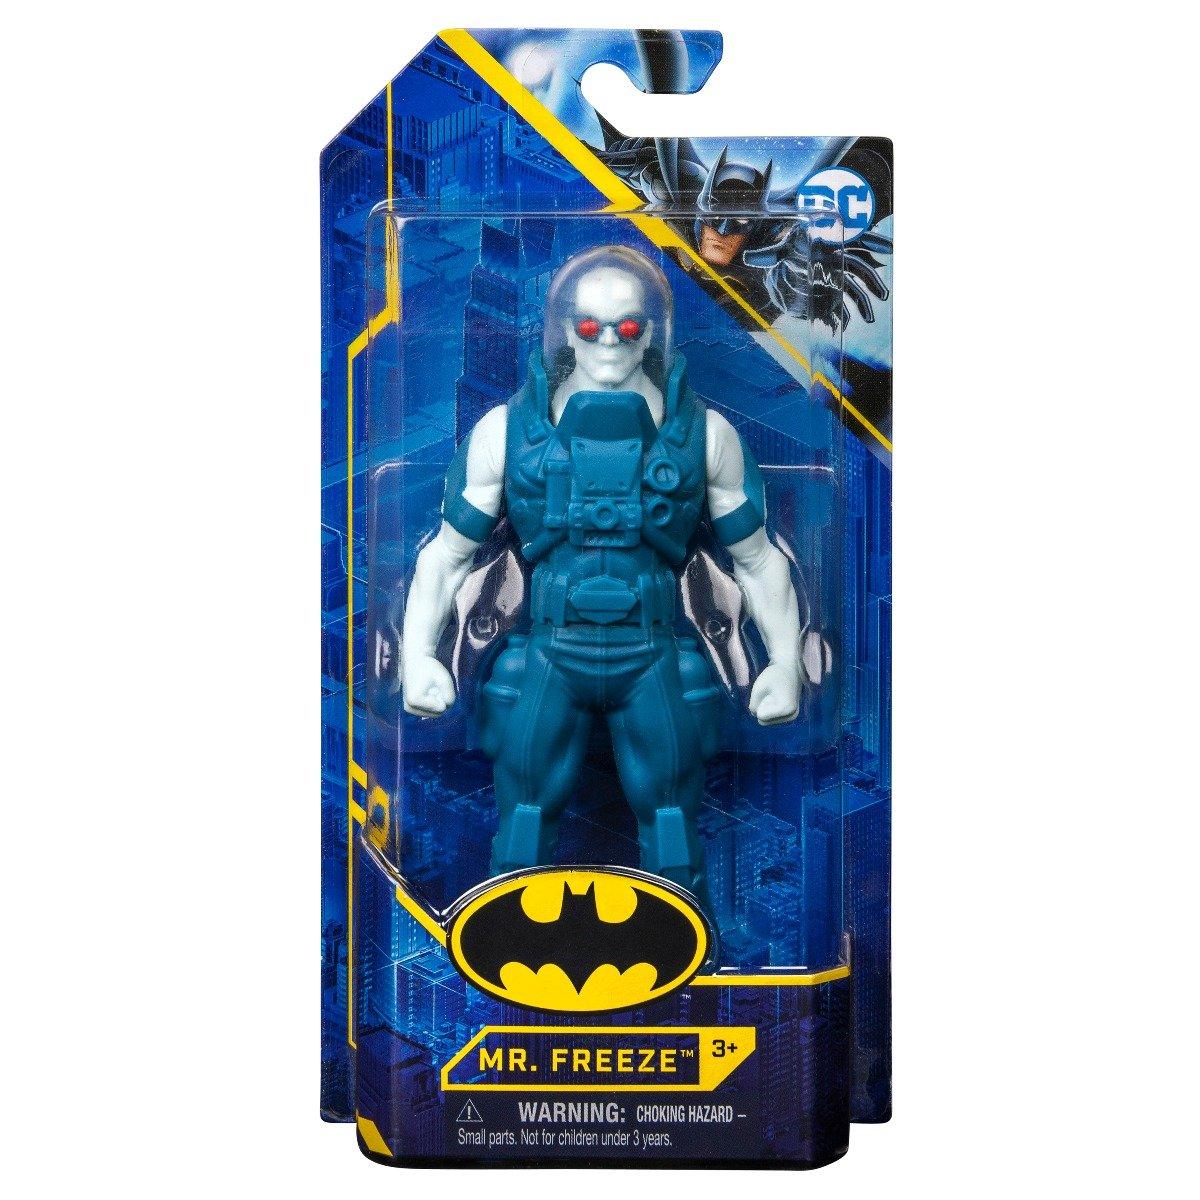 Figurina articulata Batman, Mr Freeze, 15 cm, 20130943